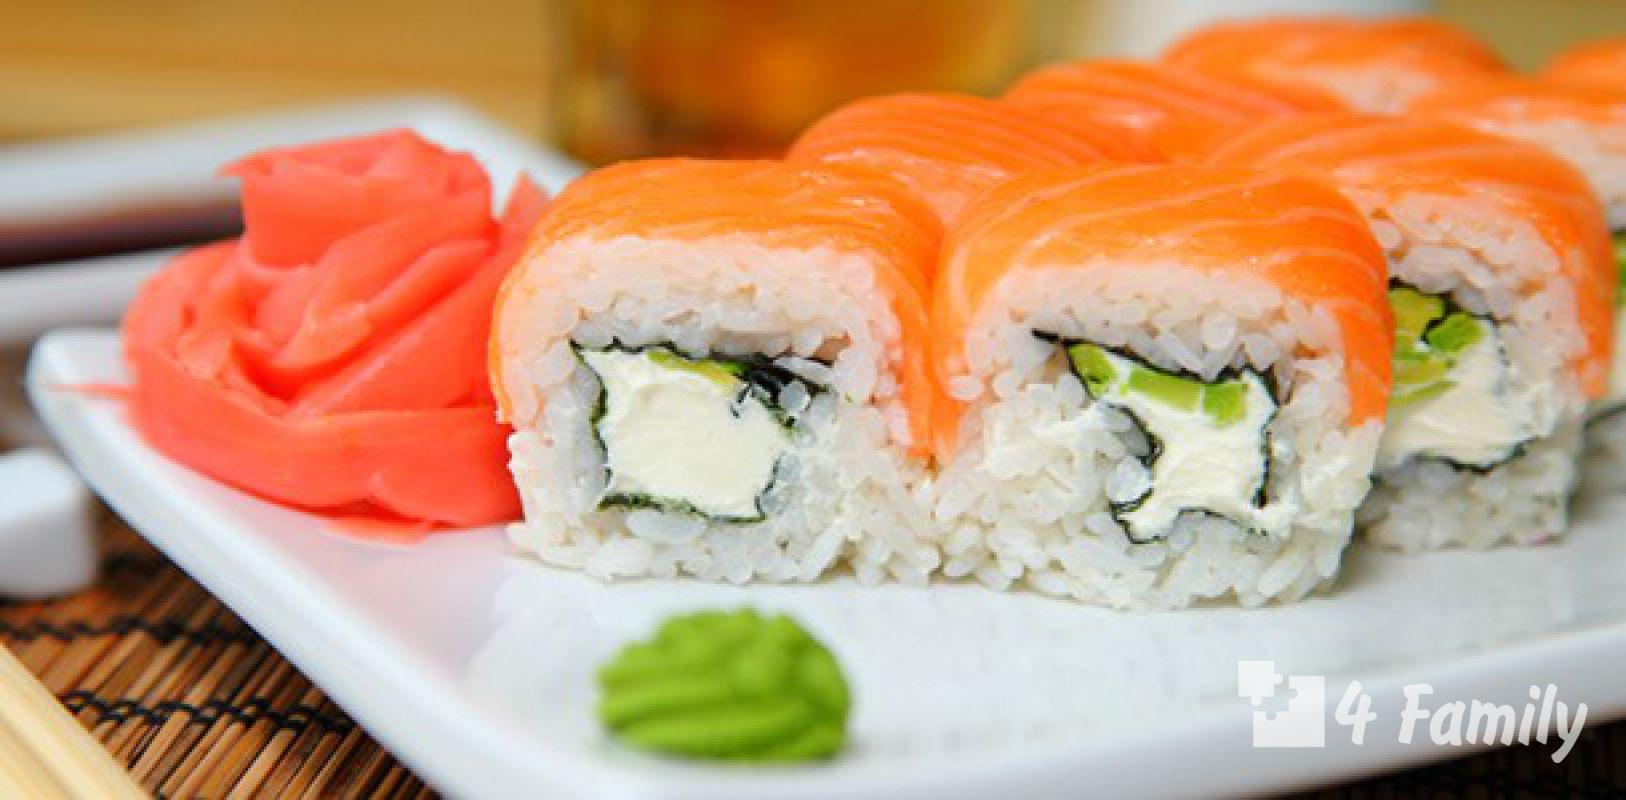 4family Как сделать суши самой дома